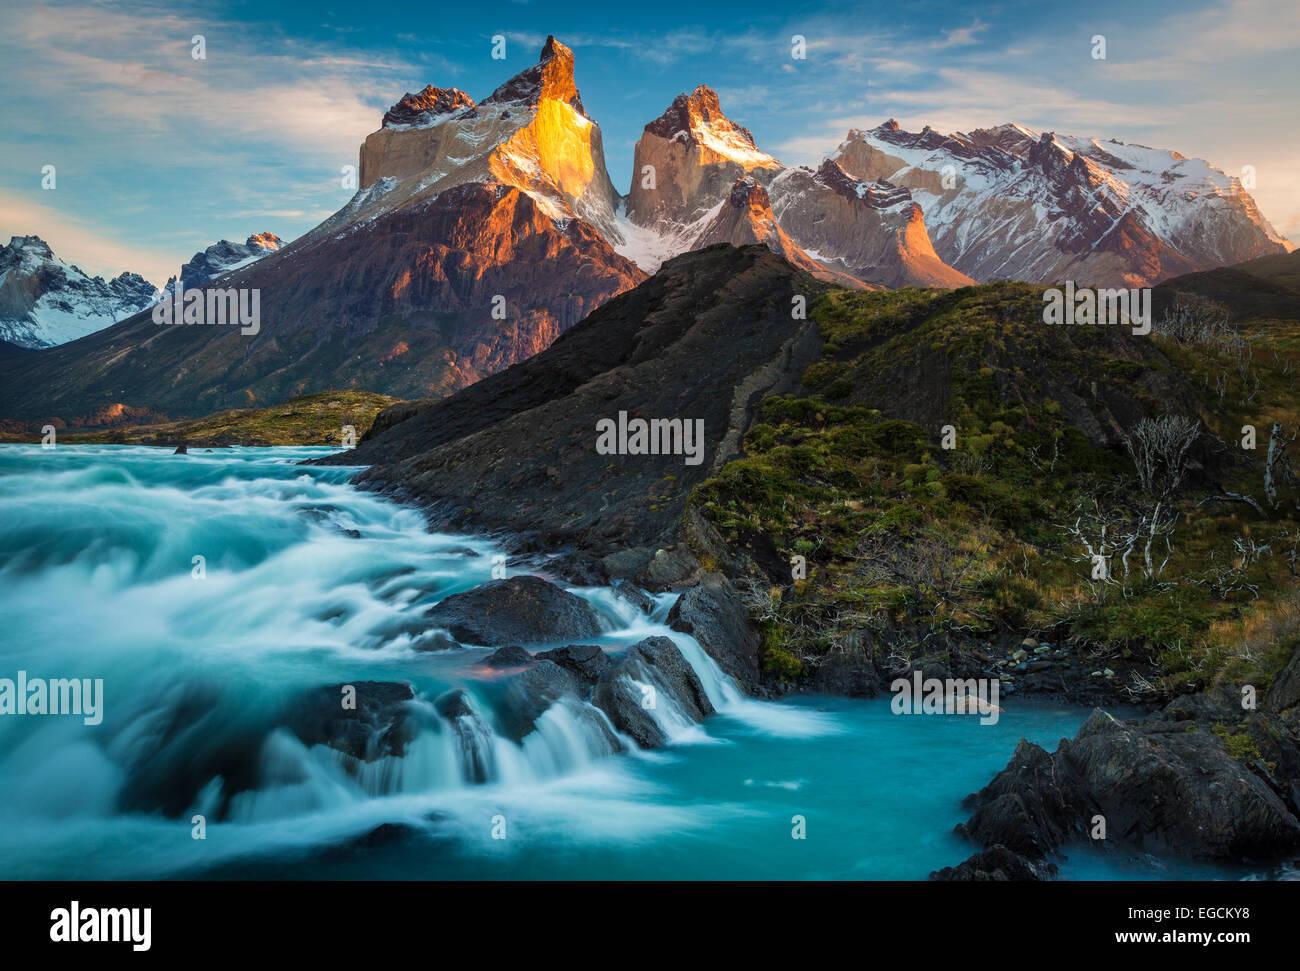 Los Cuernos elevándose sobre Salto Grande y el Lago Nordenskjold, Torres del Paine, Patagonia chilena. Imagen De Stock